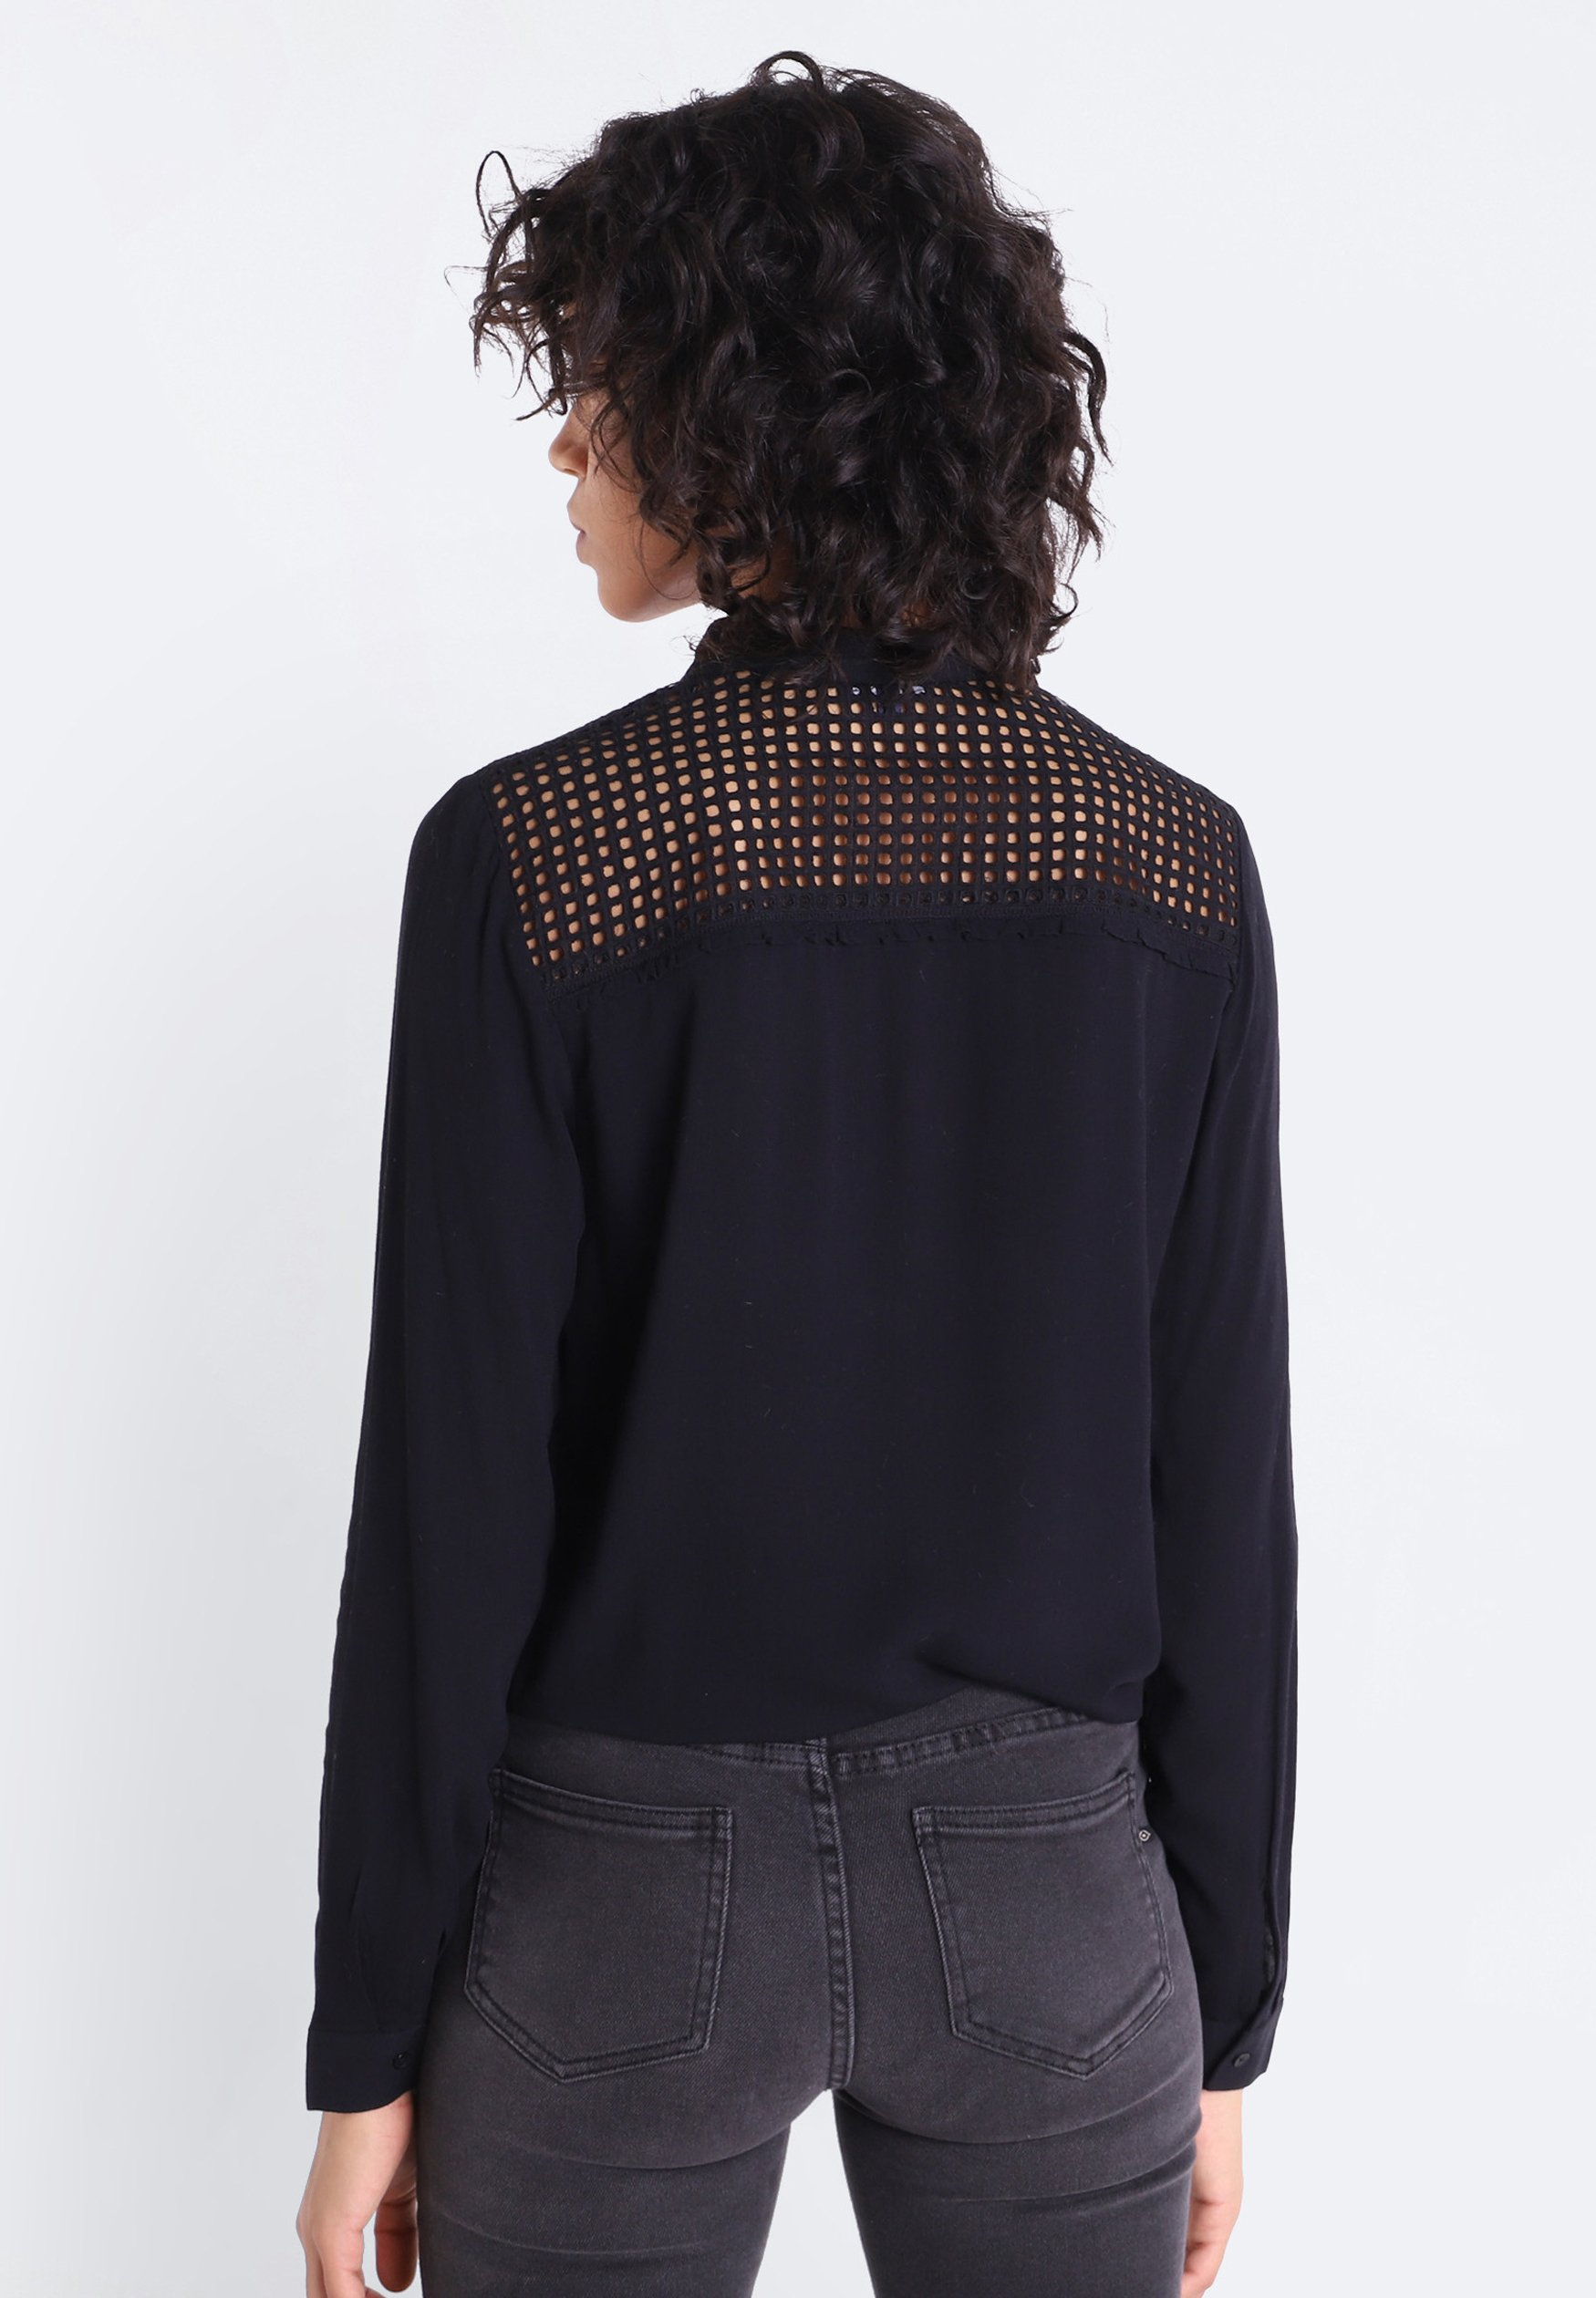 BONOBO Jeans LONG SLEEVE - Overhemdblouse - black - Dameskleding Klassiek